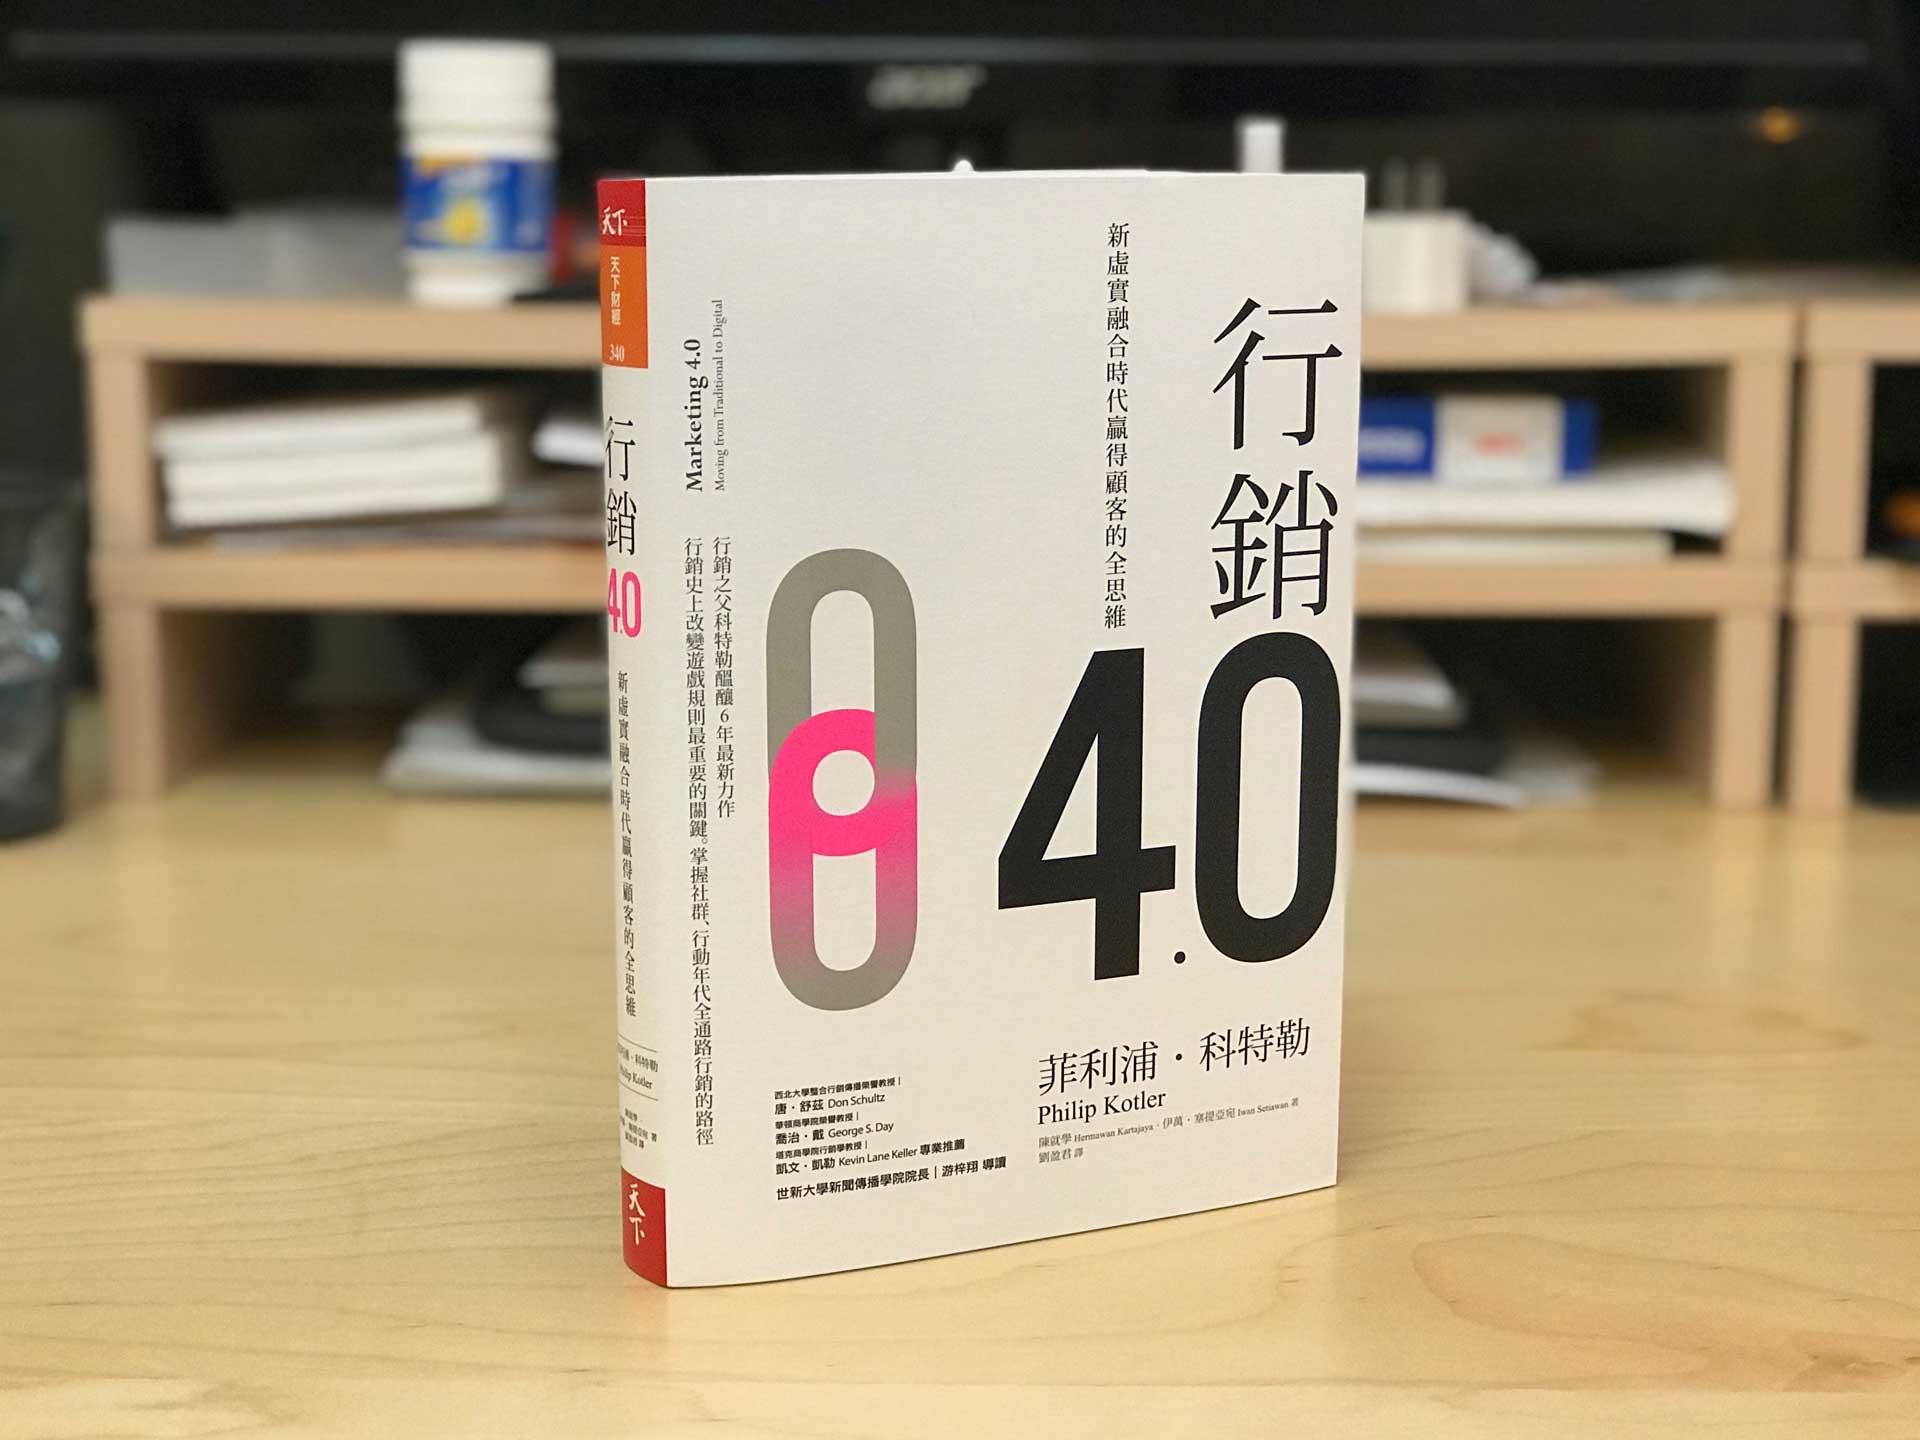 《行銷 4.0》讀書心得:是我自己期待過高了